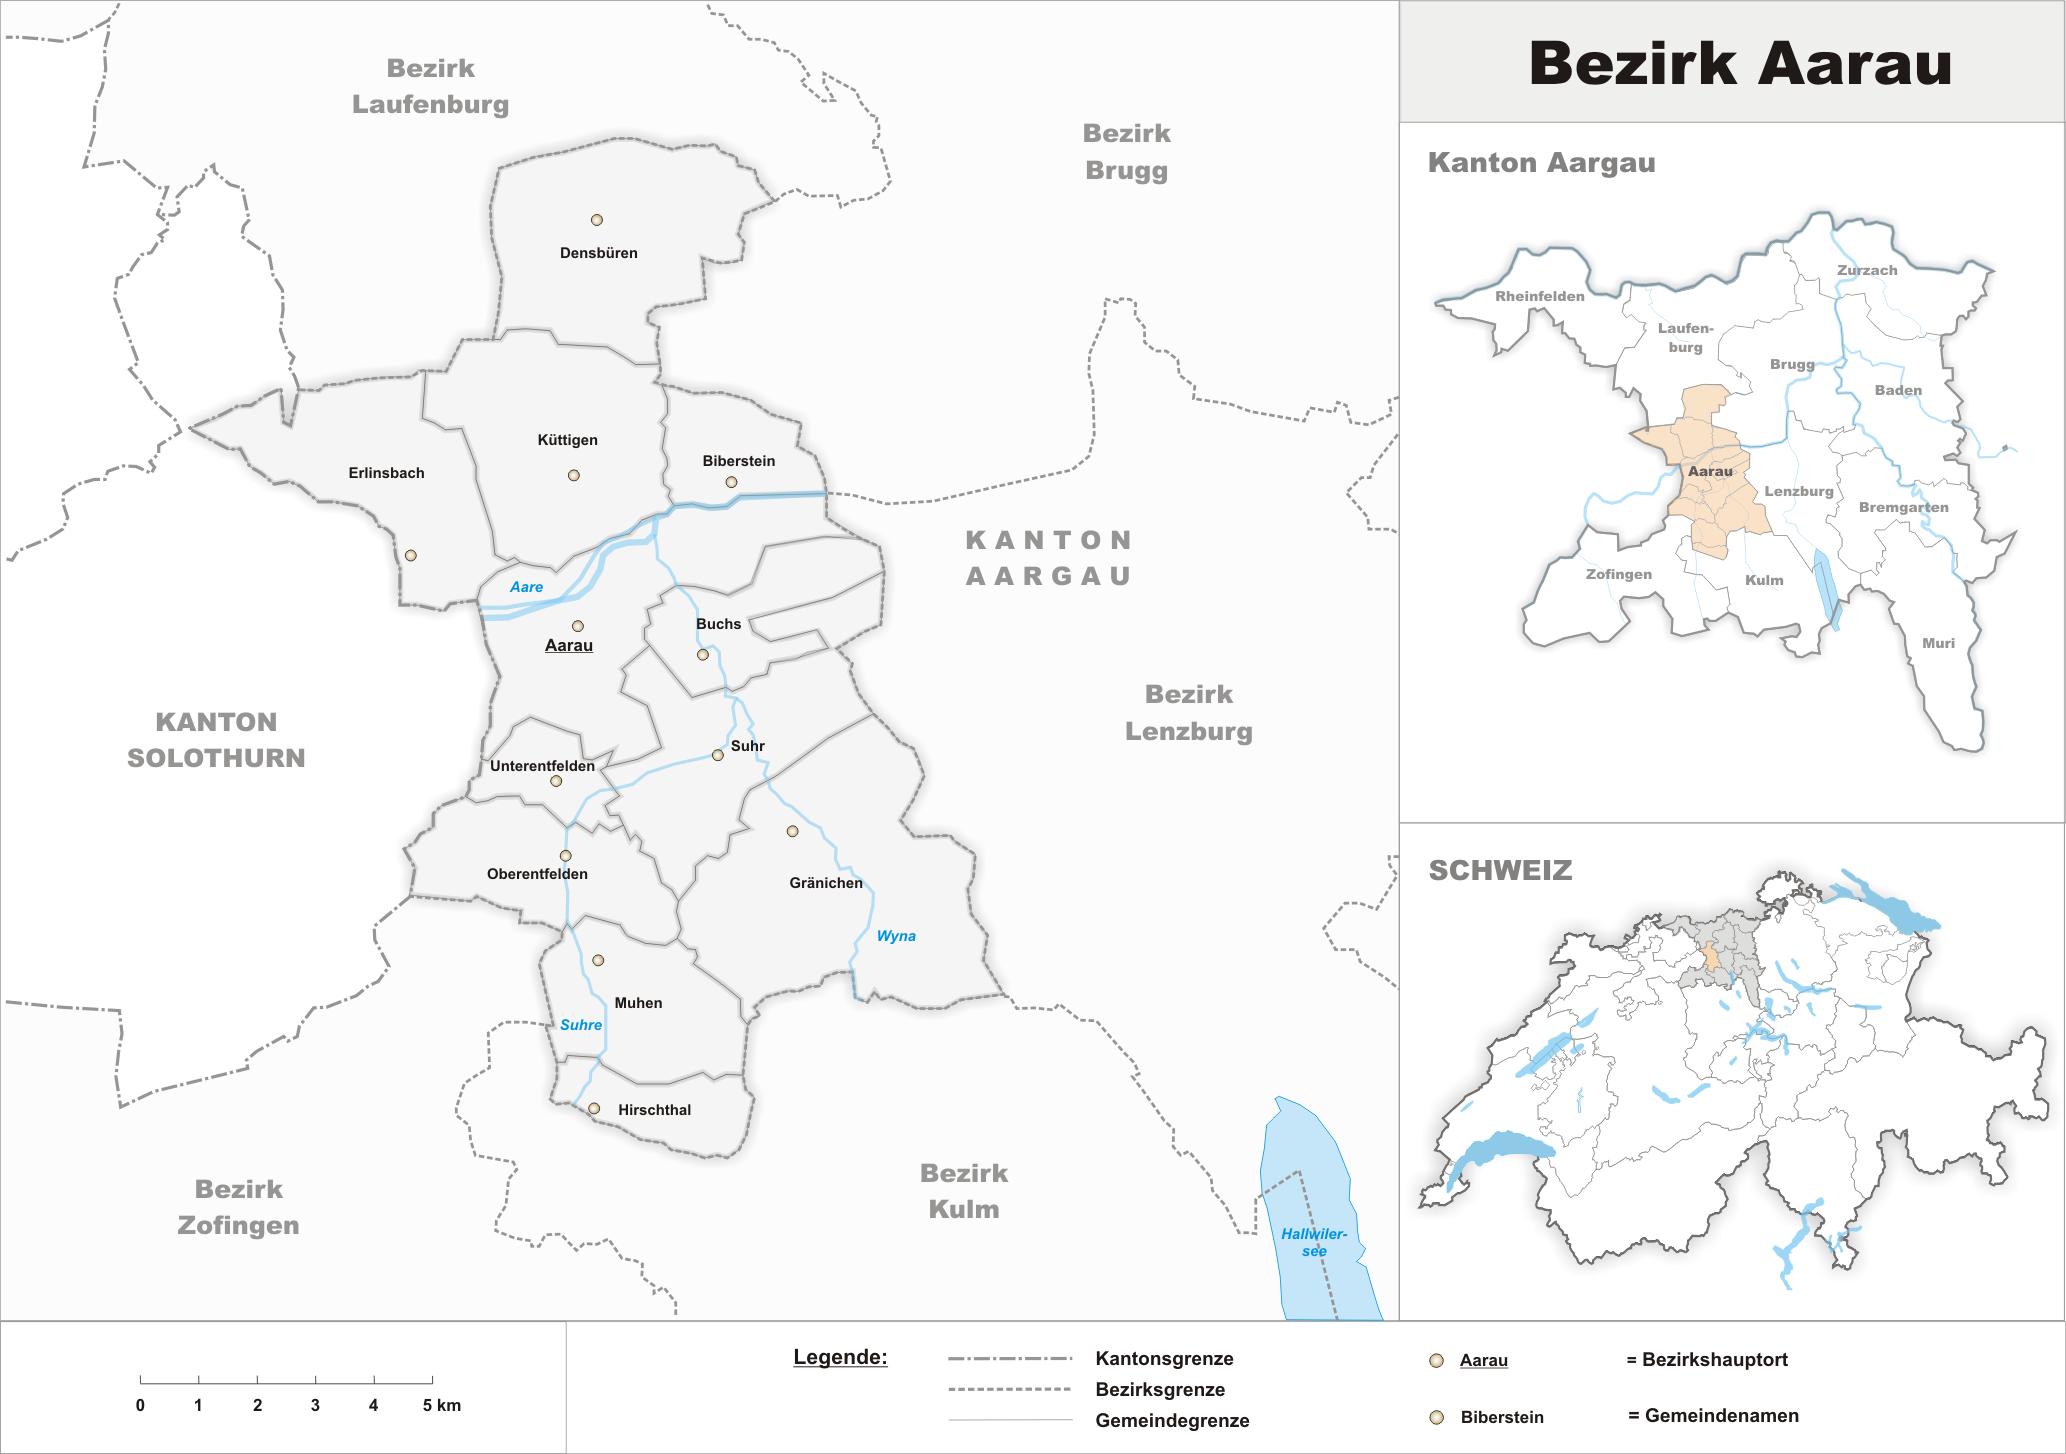 Depiction of Distrito de Aarau